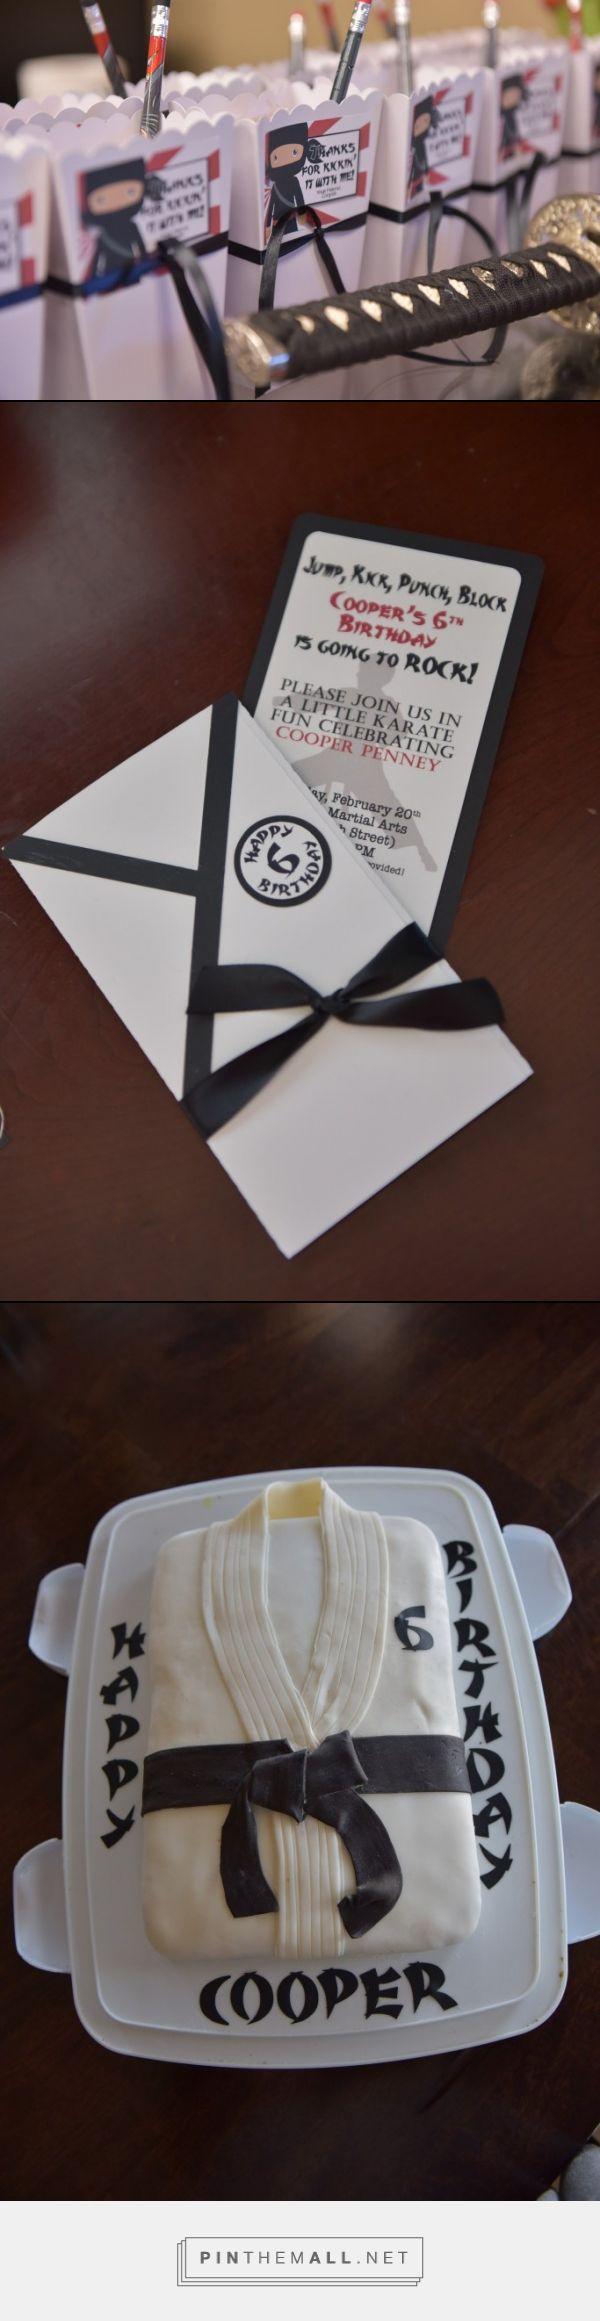 Best 25+ Karate party ideas on Pinterest | Ninja party, Ninja ...